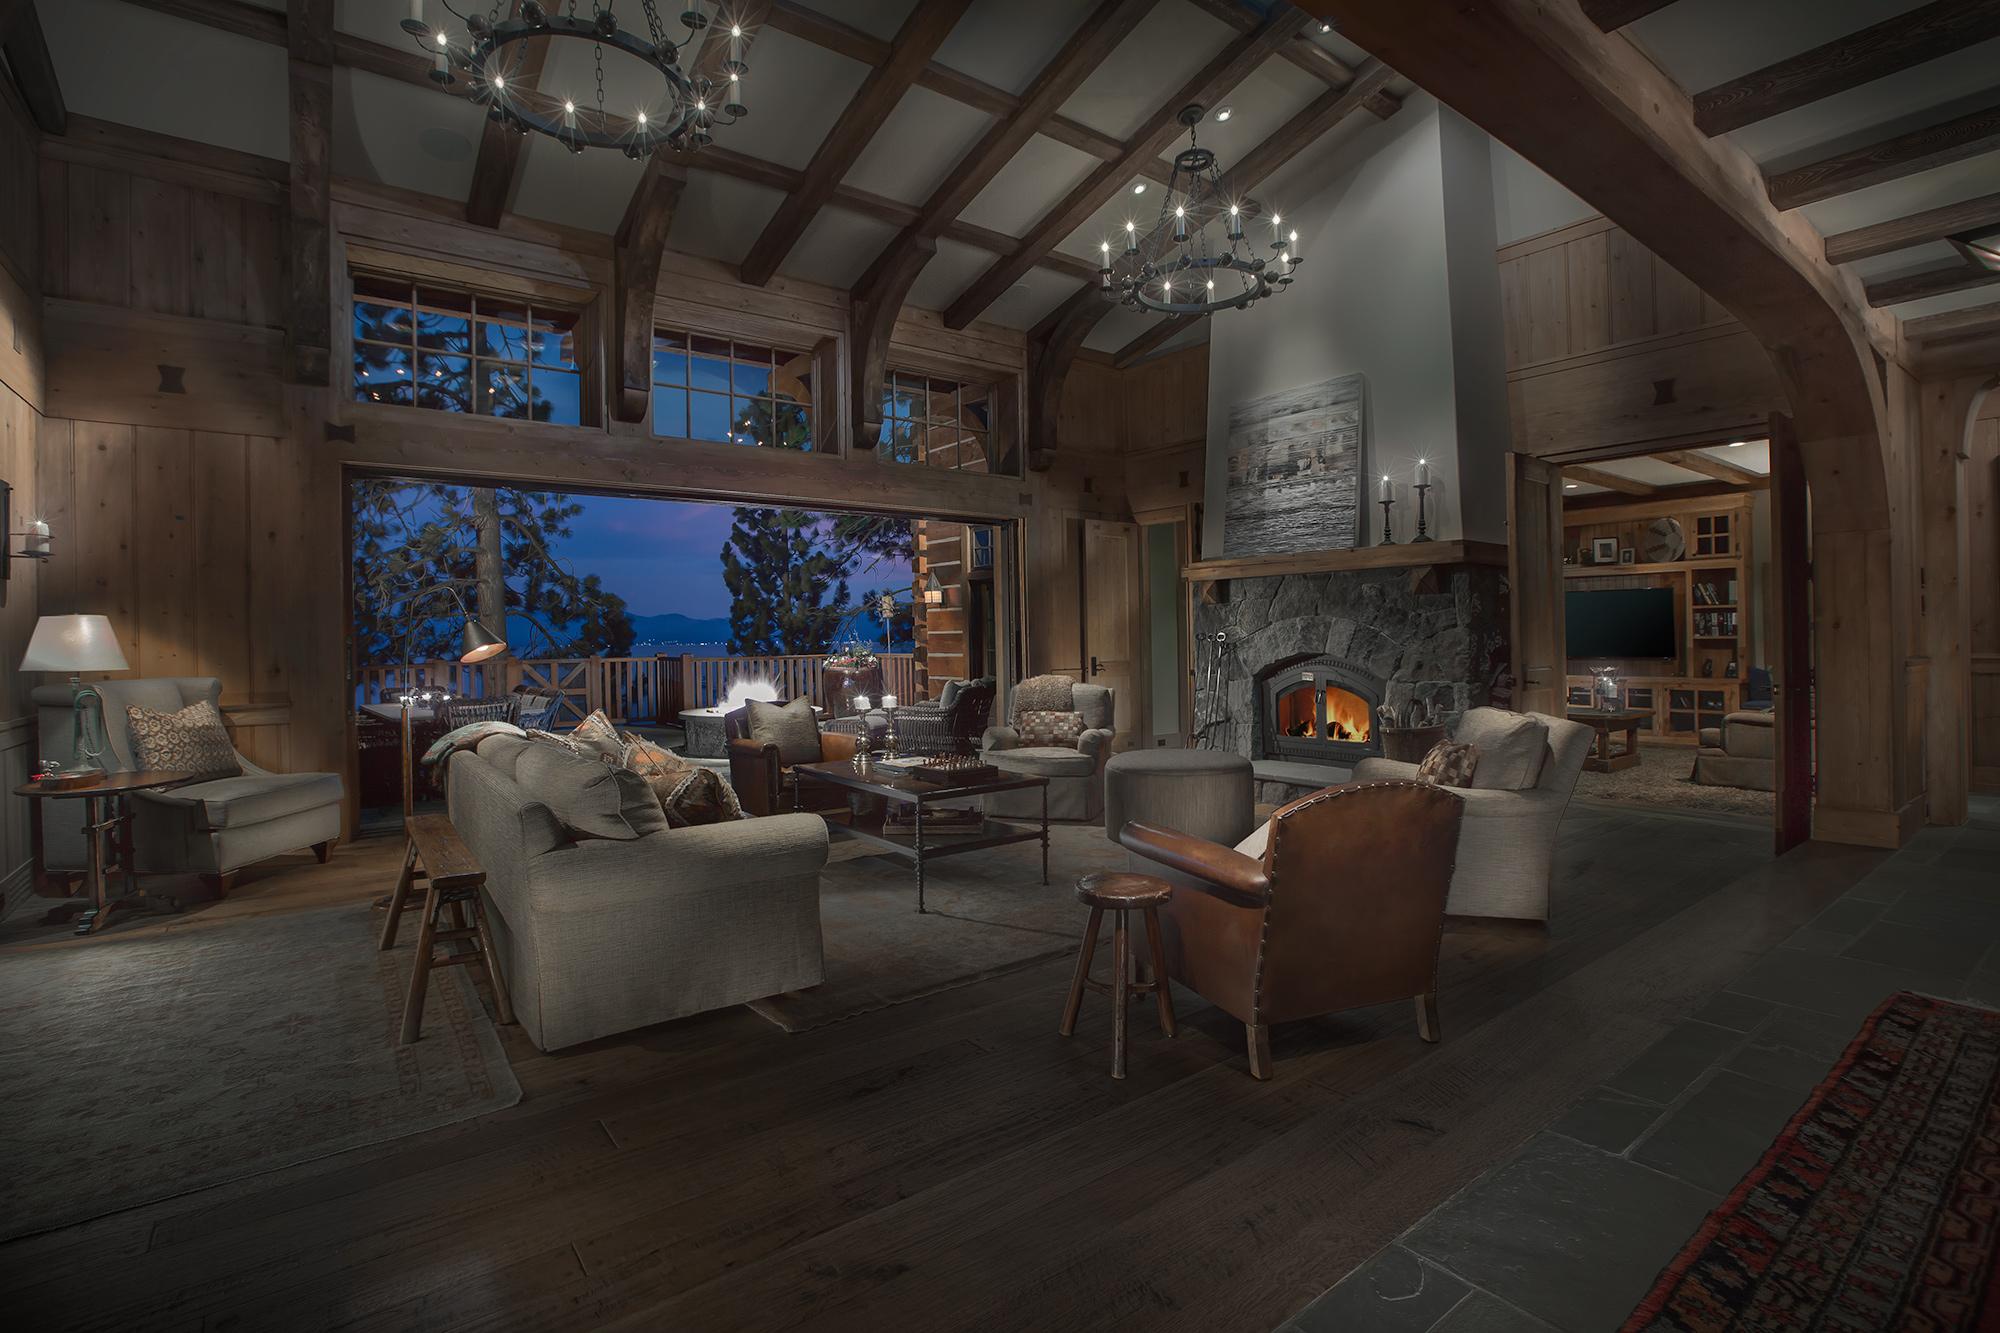 tahoe-residence-living-room.jpg